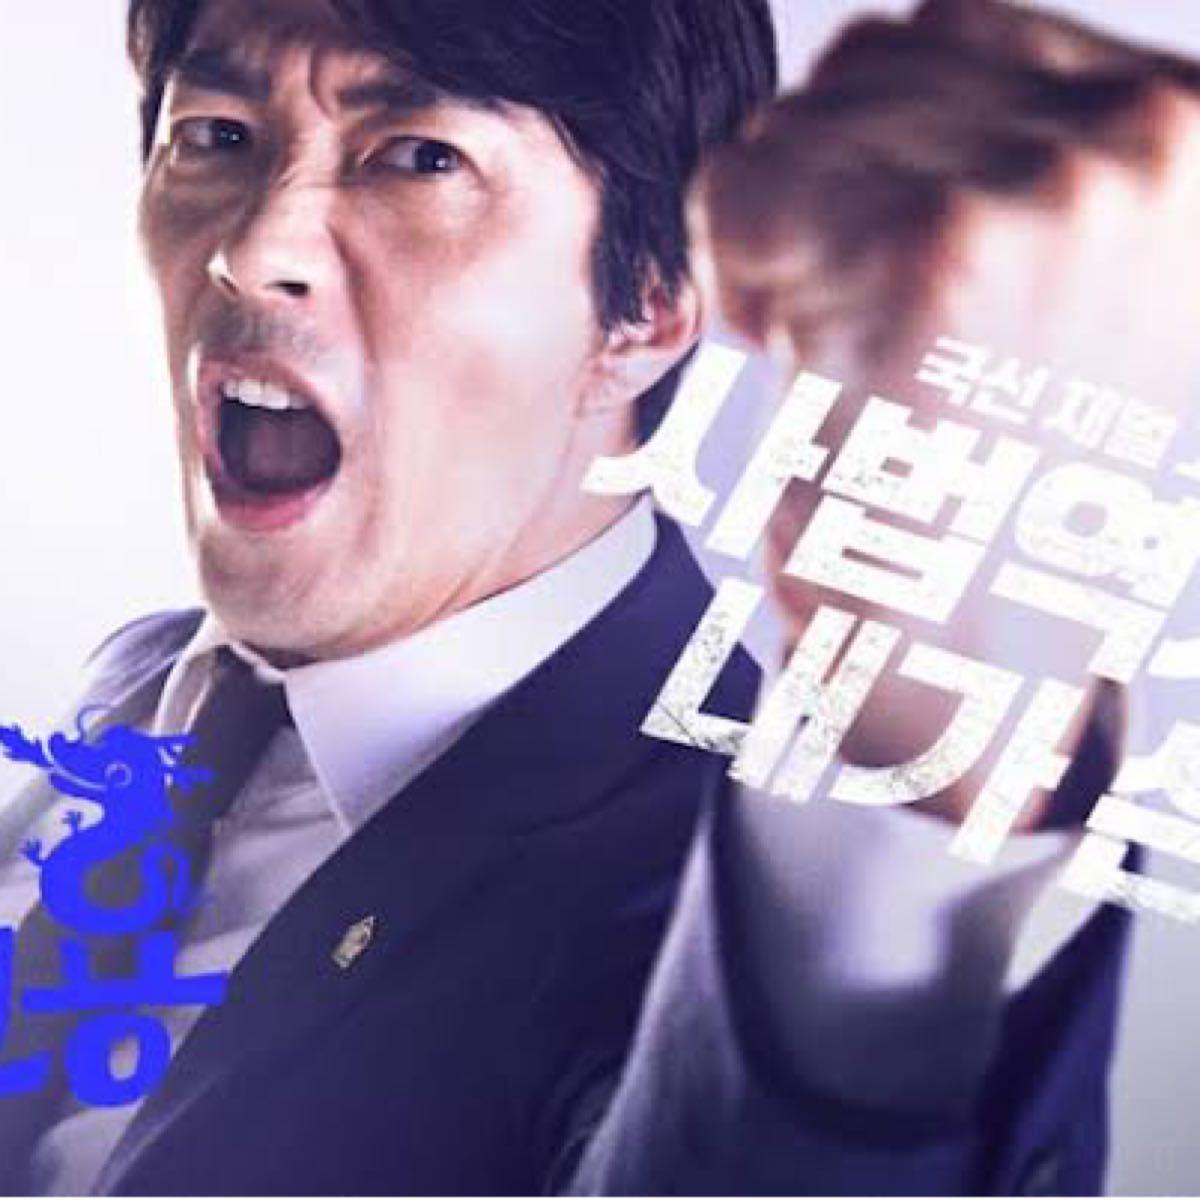 飛べ小川の竜 DVD全話【レーベル印刷あり】 韓国ドラマ